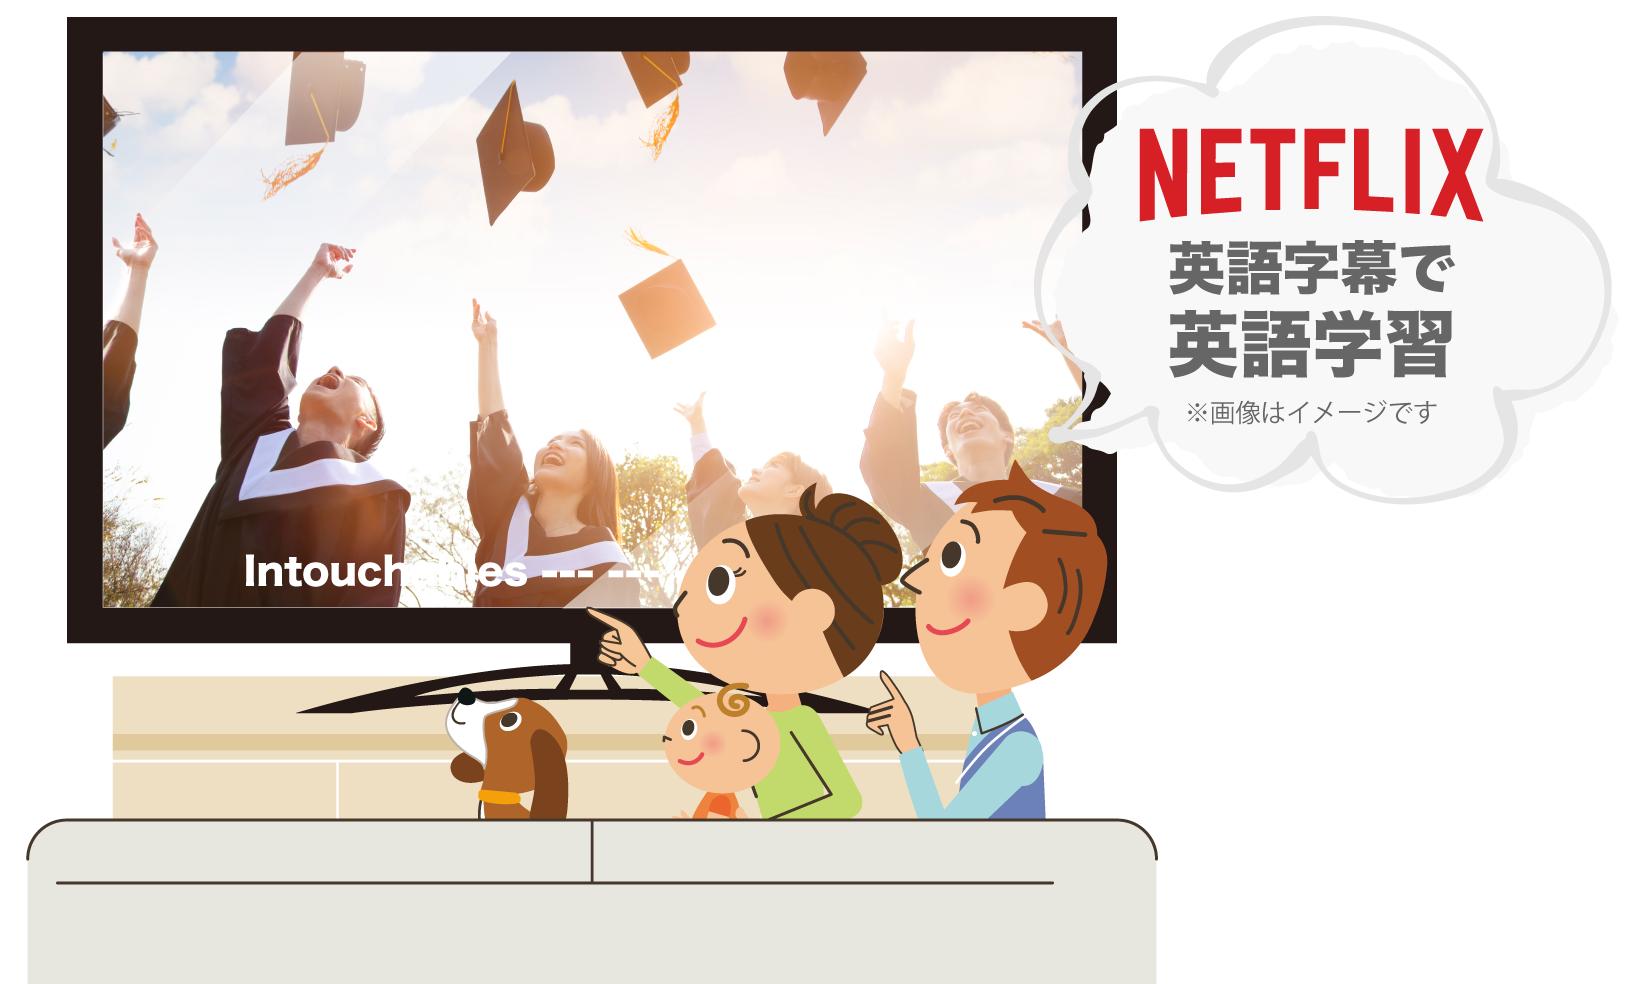 Netflixは英語(外国語)学習に最適